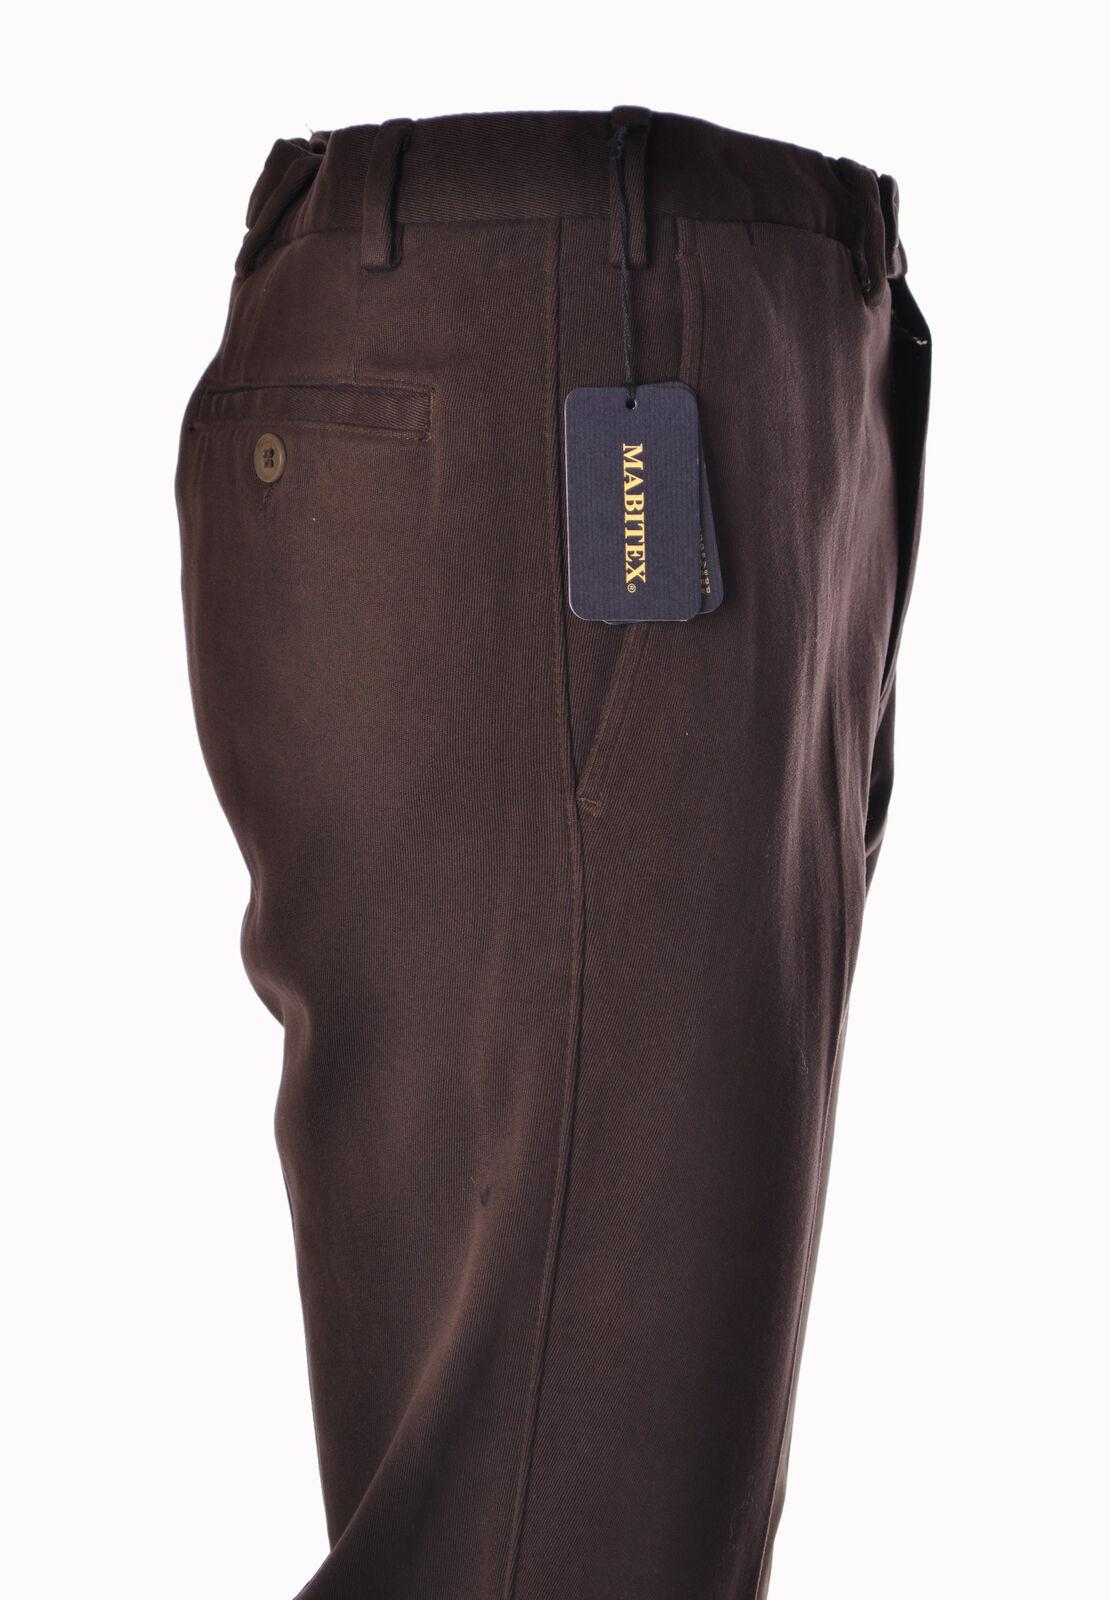 Mabitex  -  Pants - Male - Brown - 2934402A184333